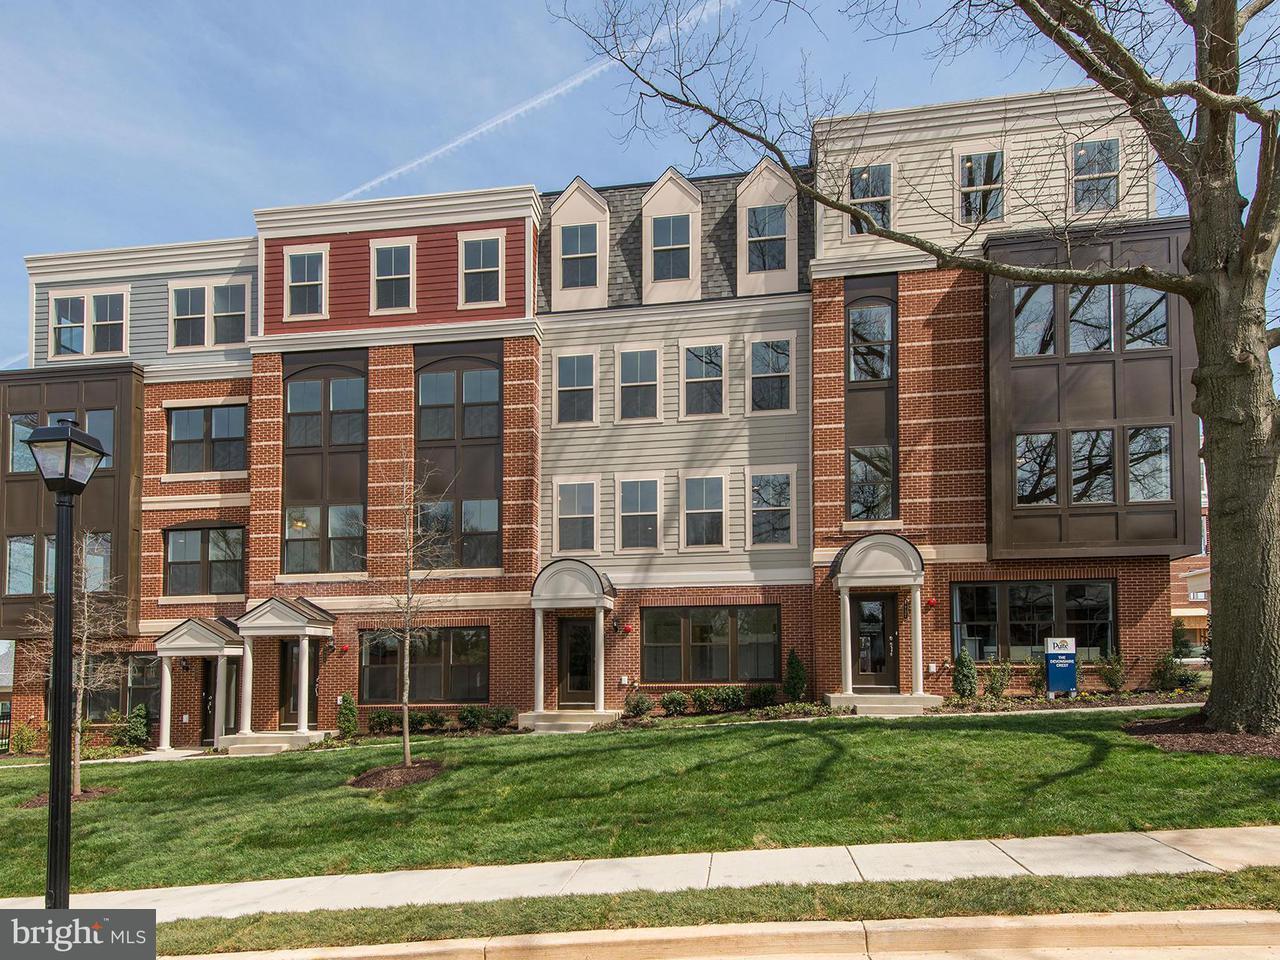 联栋屋 为 销售 在 3975 OAK Street 3975 OAK Street Fairfax, 弗吉尼亚州 22031 美国